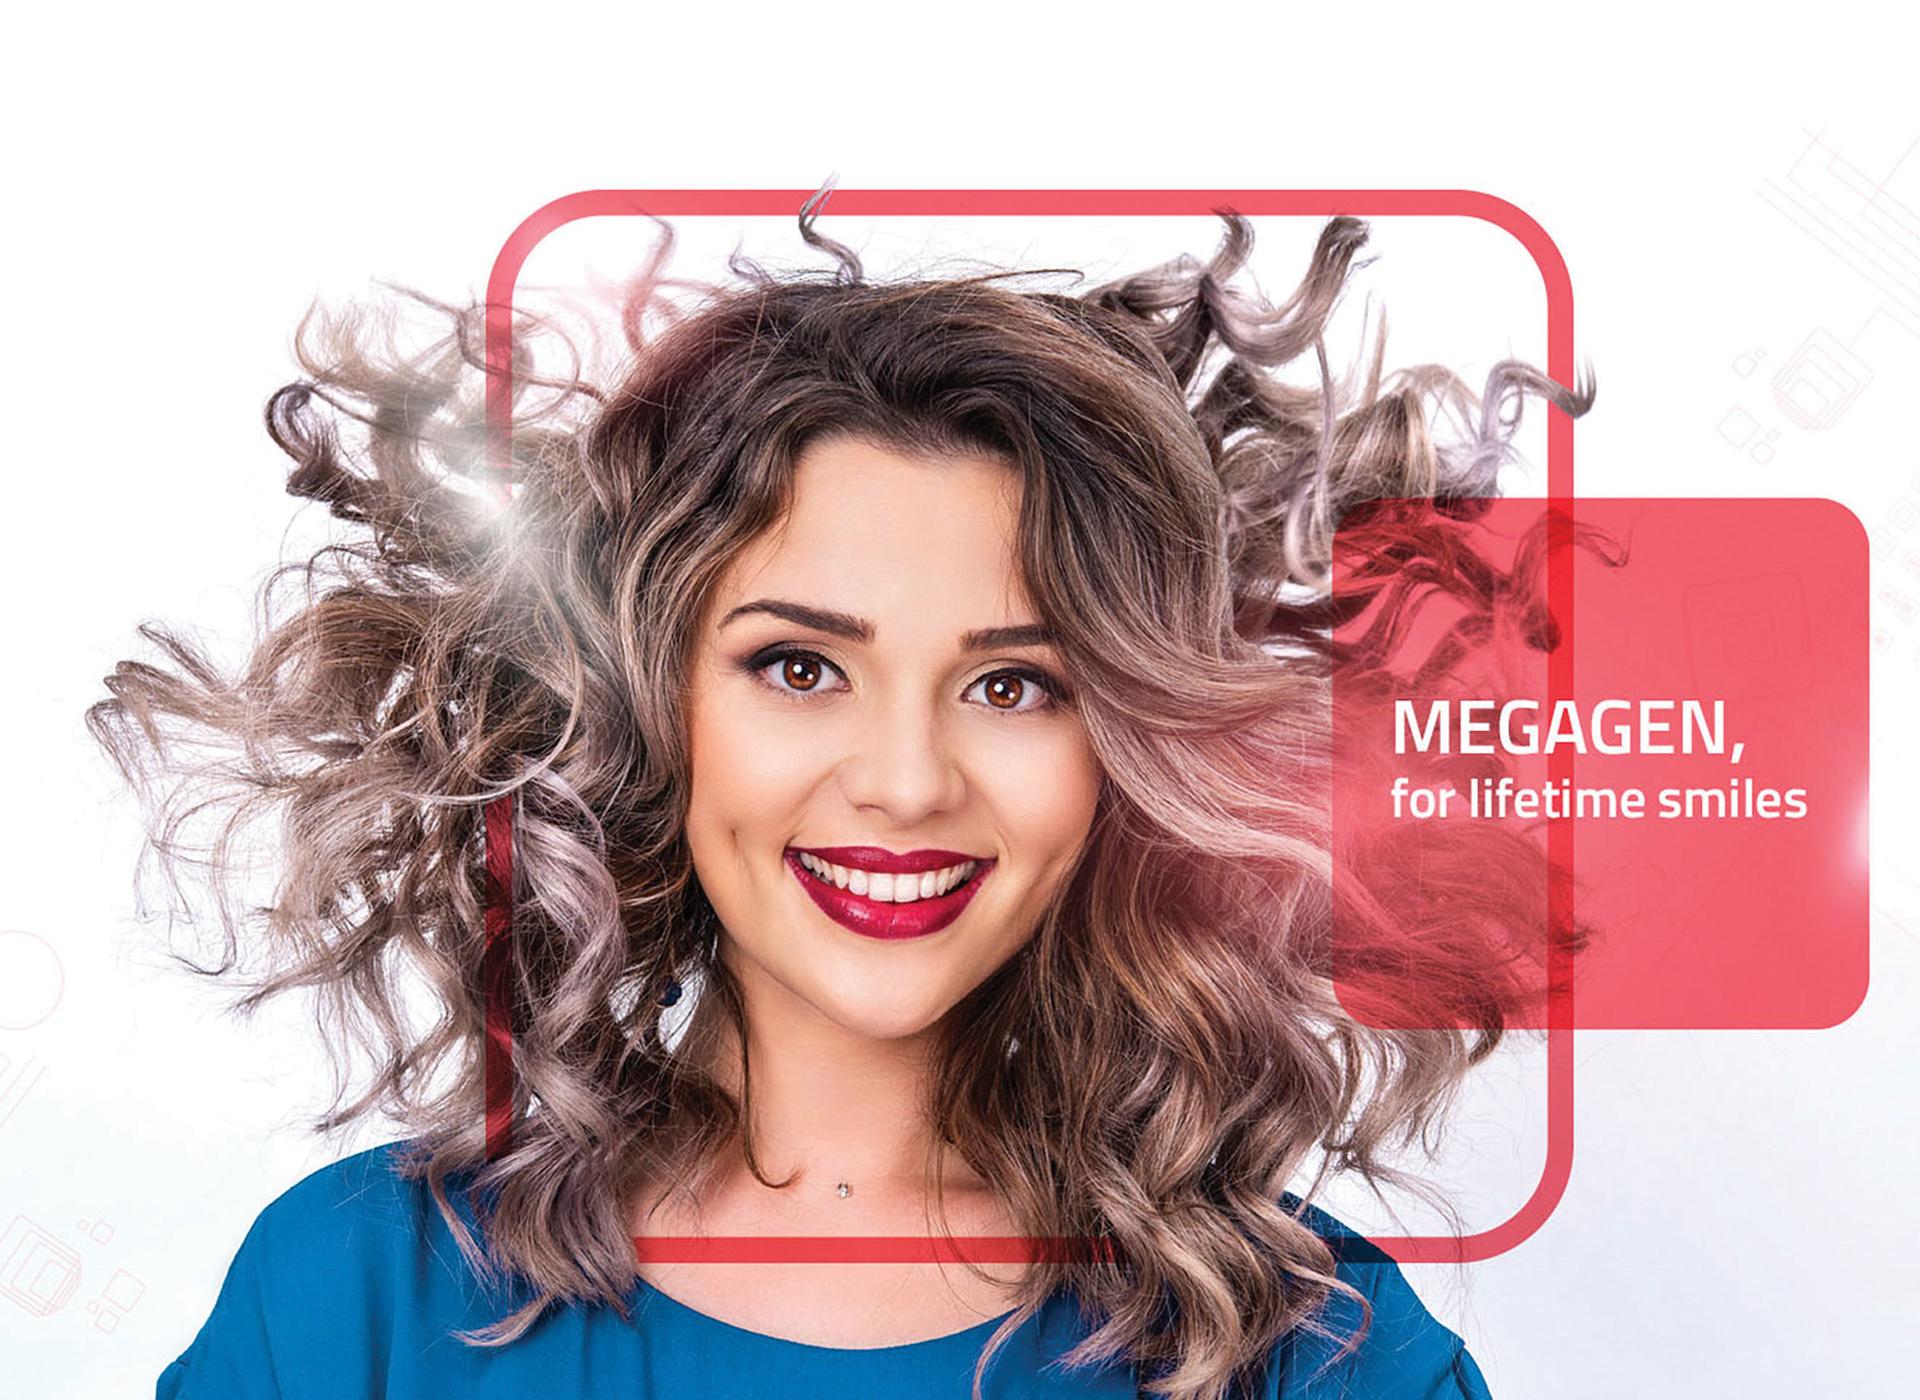 Megagen Romania